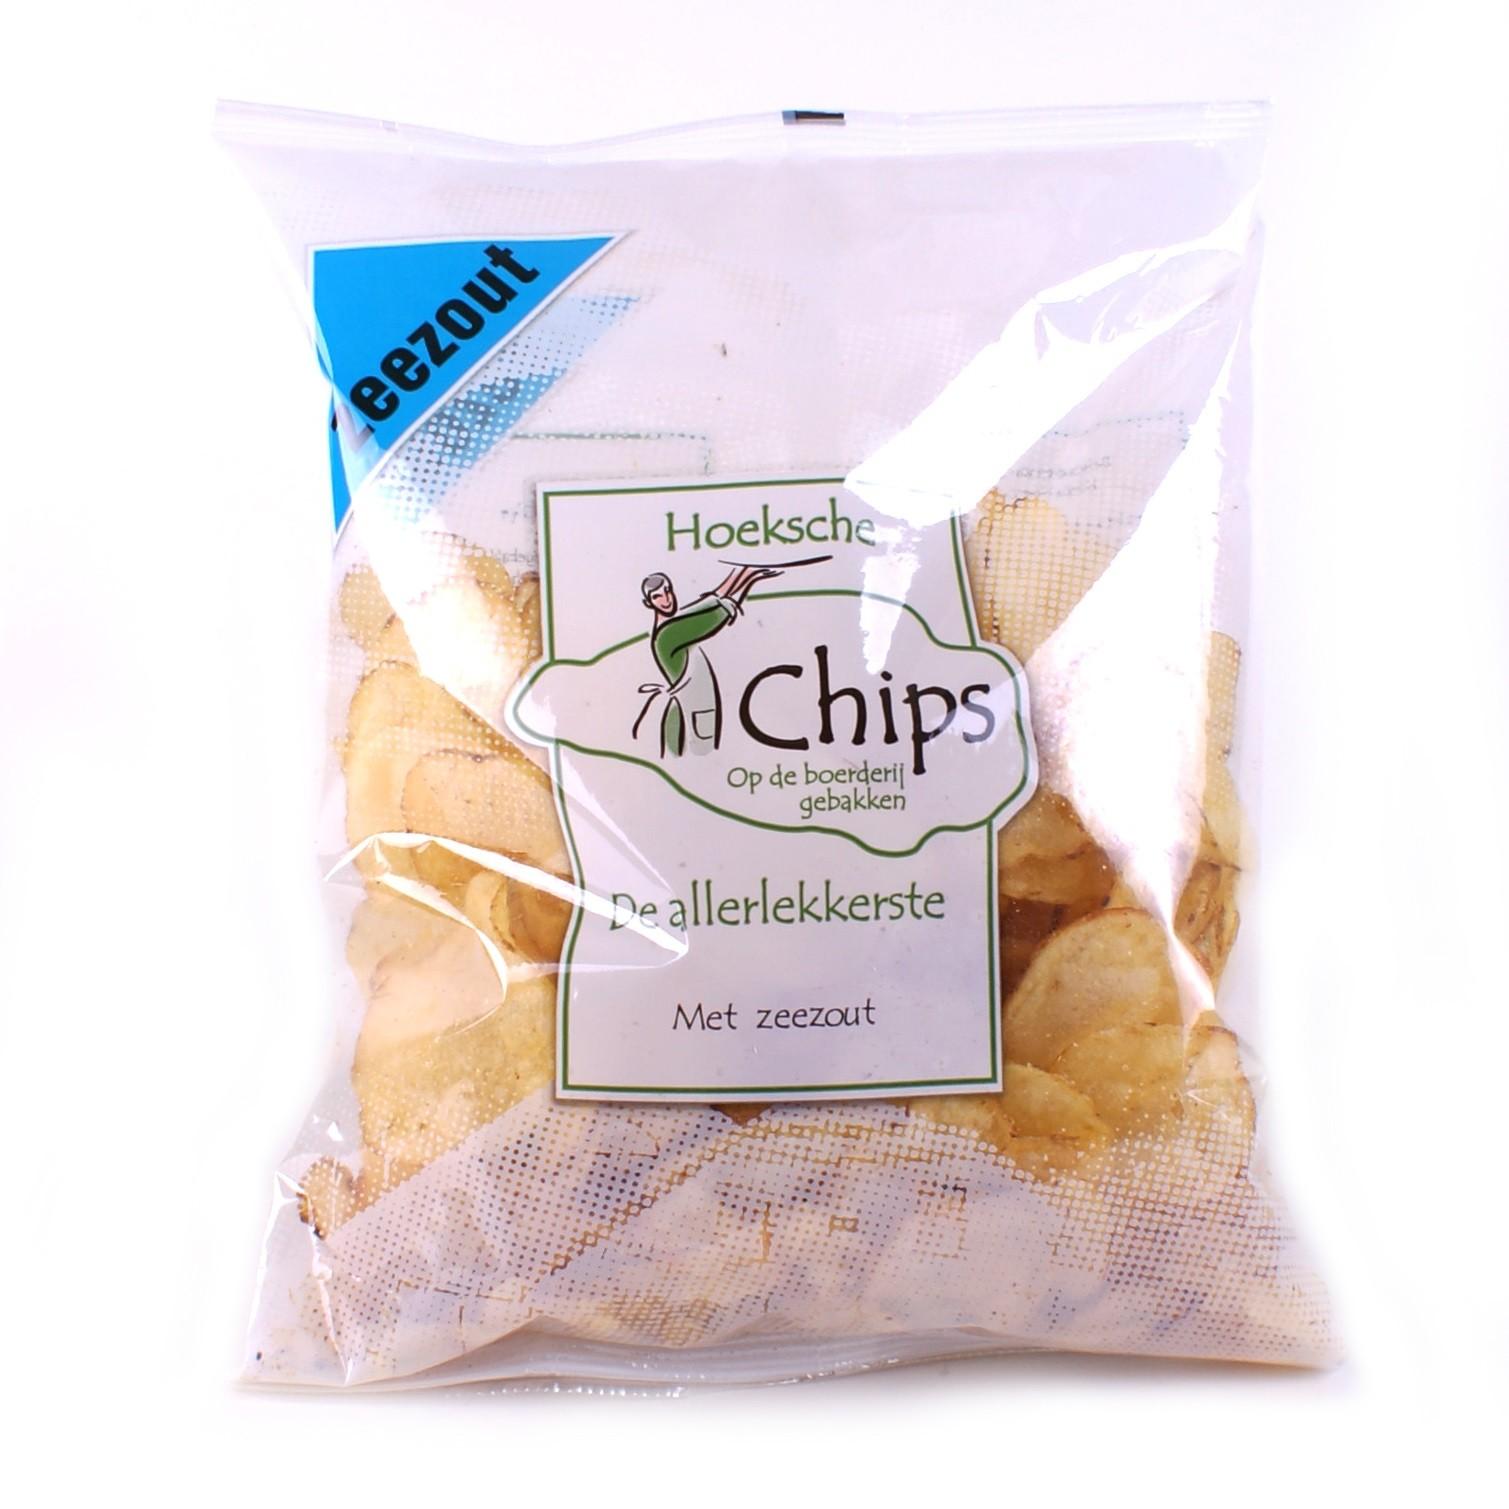 Chips zeezout zak 150gr. Heerlijke chips, zo van 't land! Hoeksche